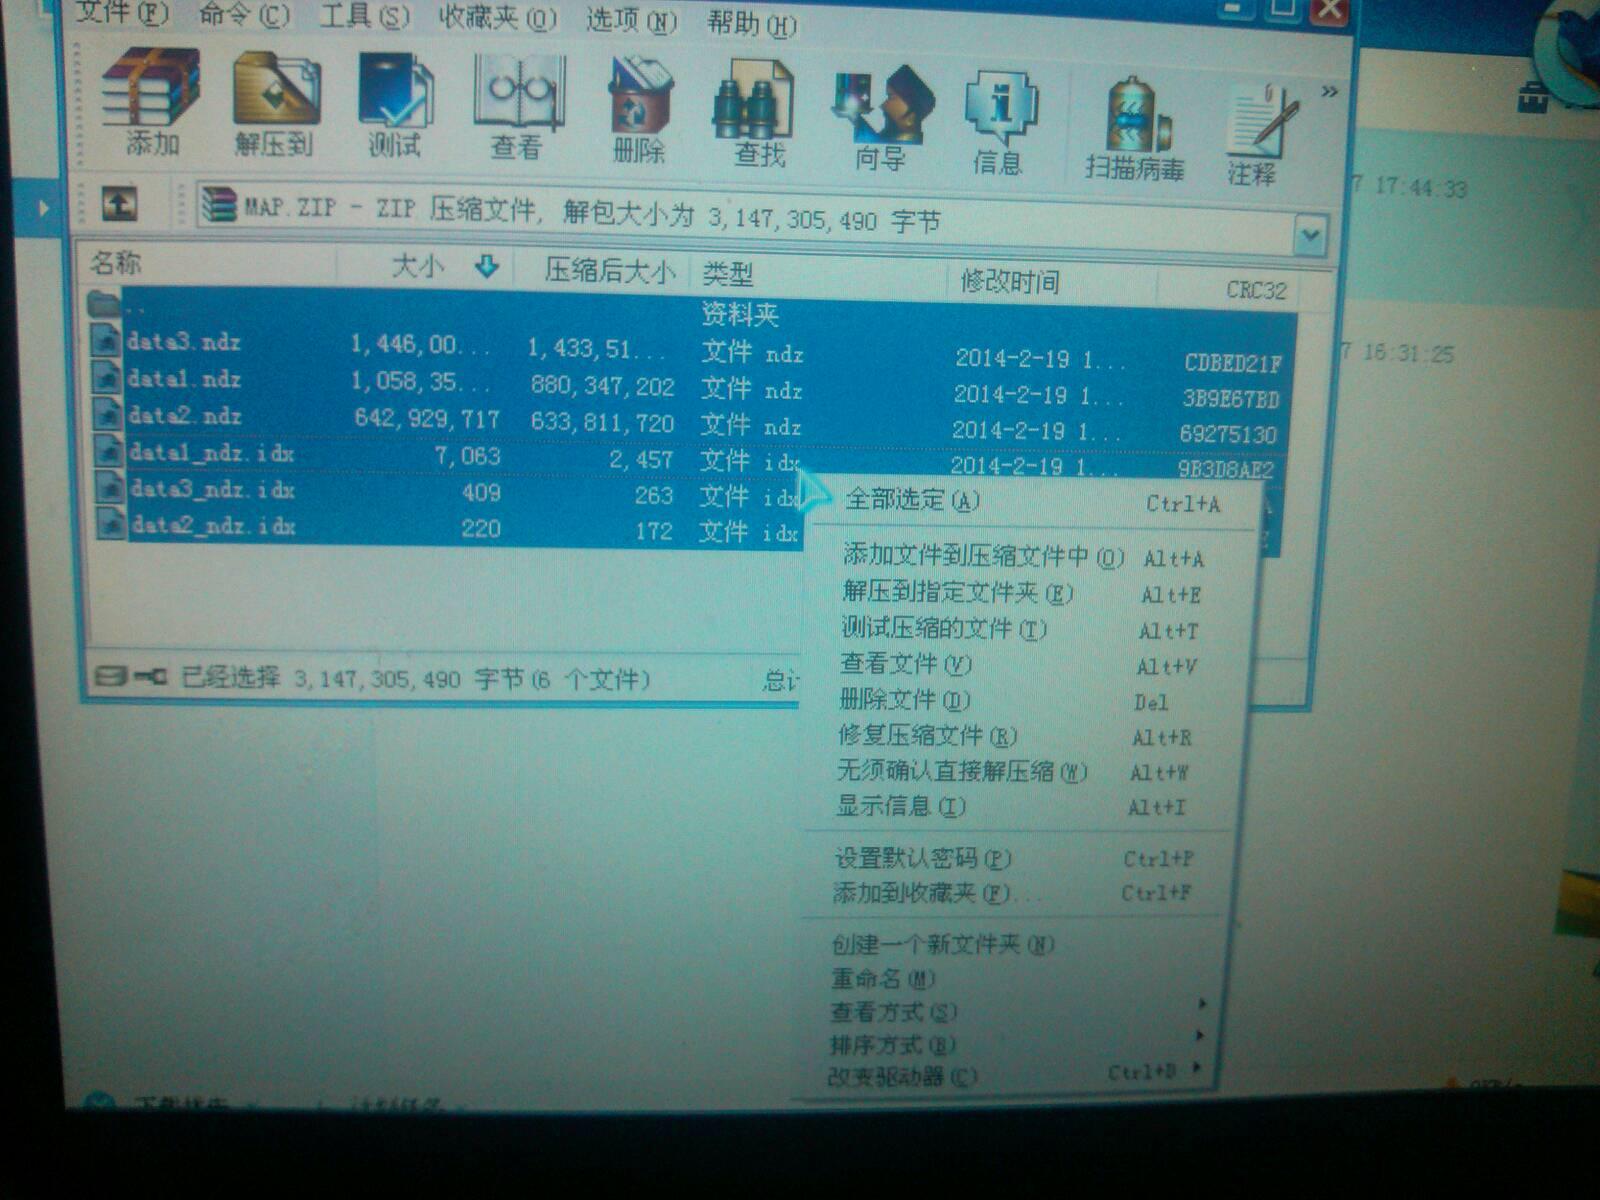 佰利开户网址_要在迅雷上下载这个网址,怎么下载?